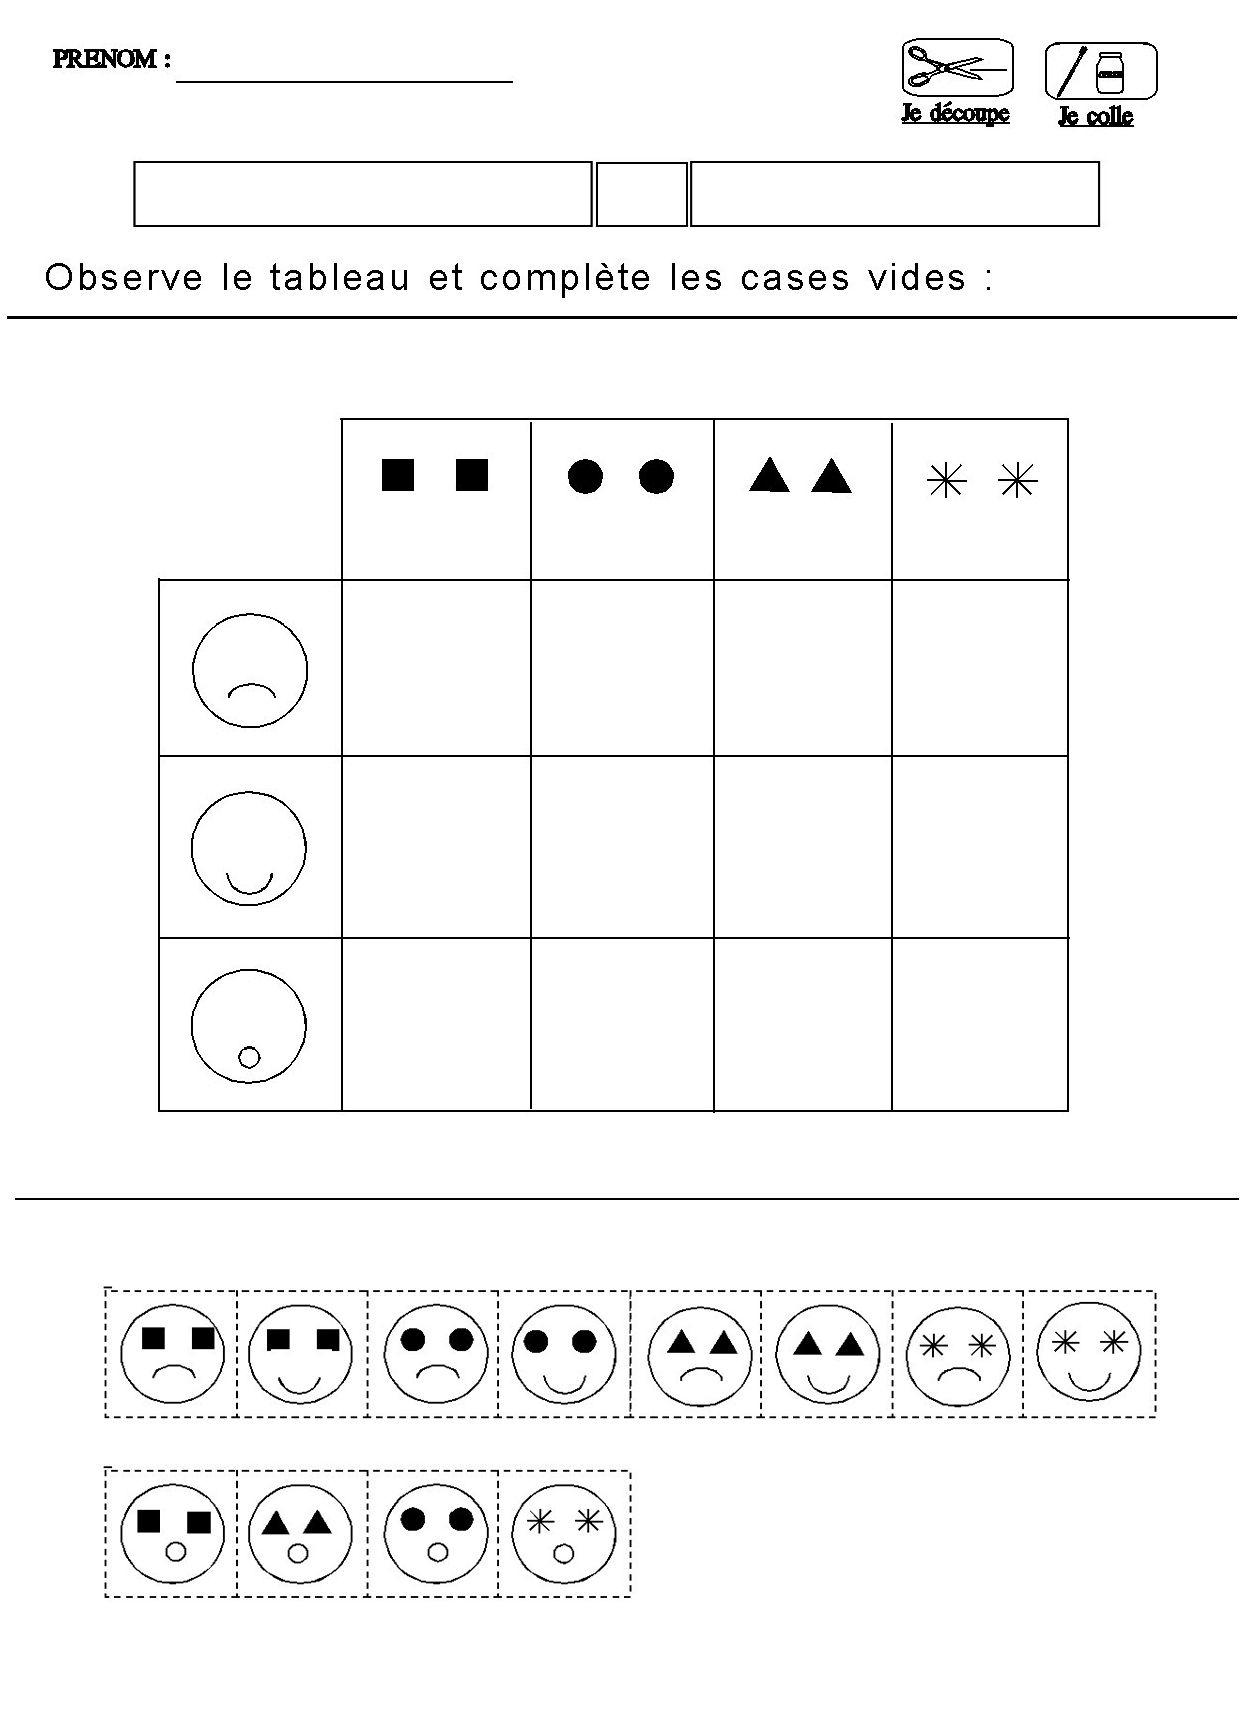 Tableau Double Entrees Pour Maternelle Moyenne Section destiné Exercice Maternelle Petite Section Gratuit En Ligne